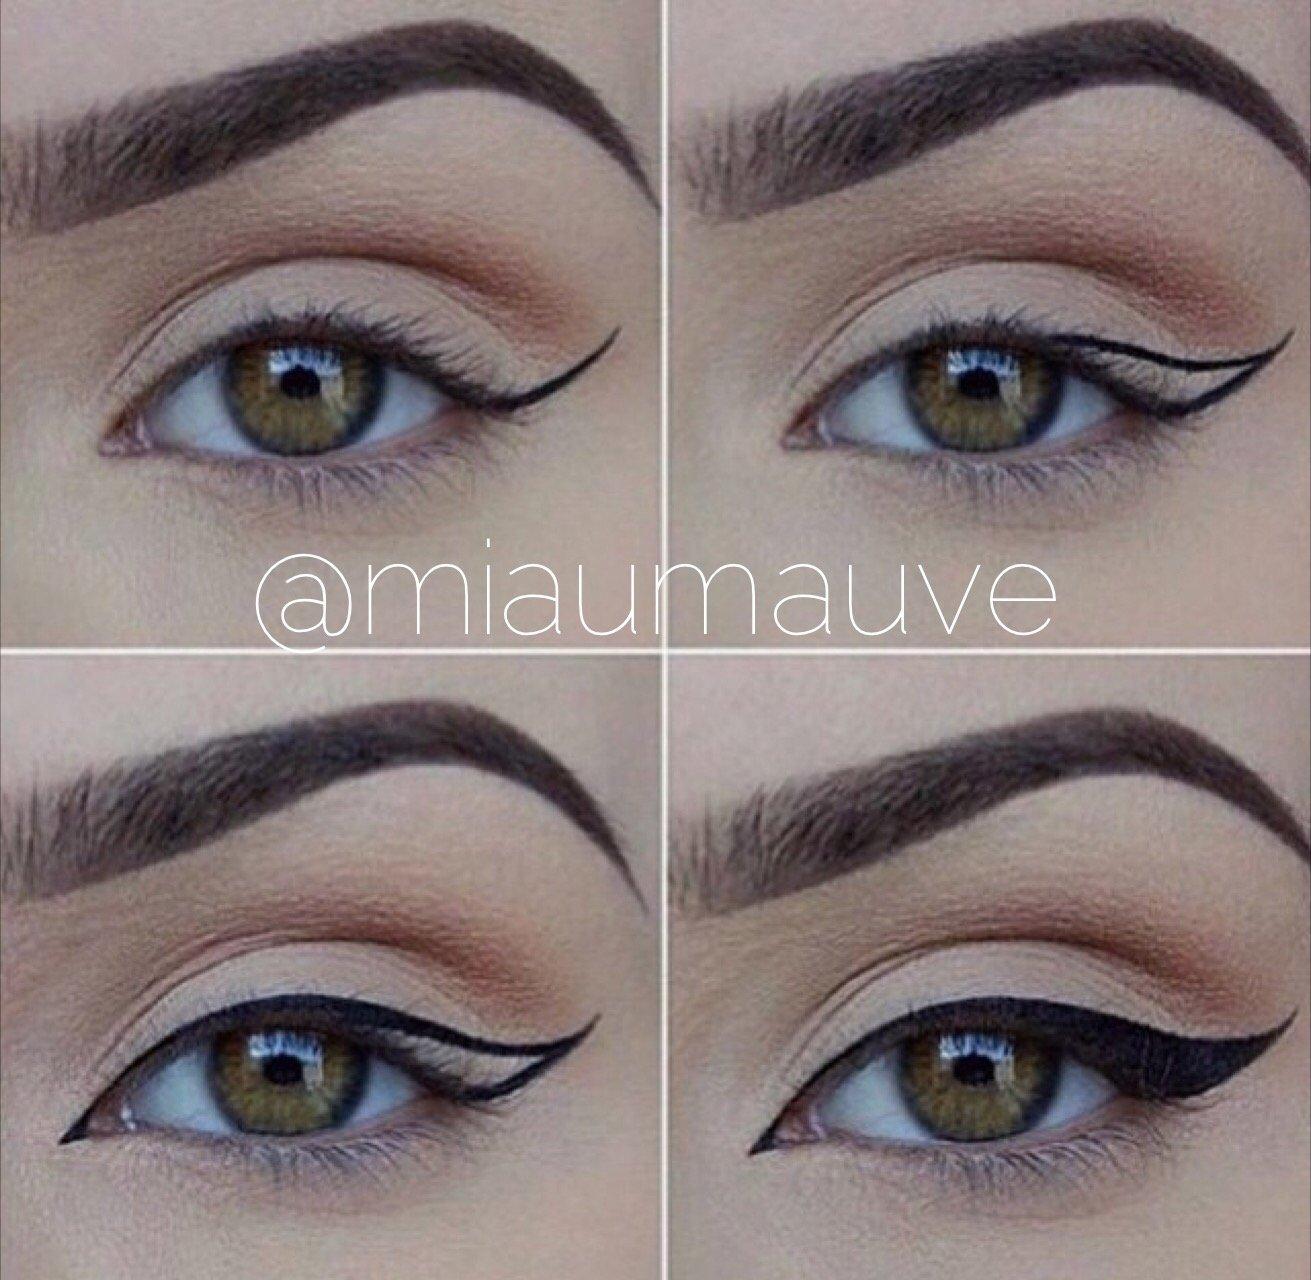 Как правильно нарисовать стрелки на глазах: пошаговая инструкция с фото для начинающих